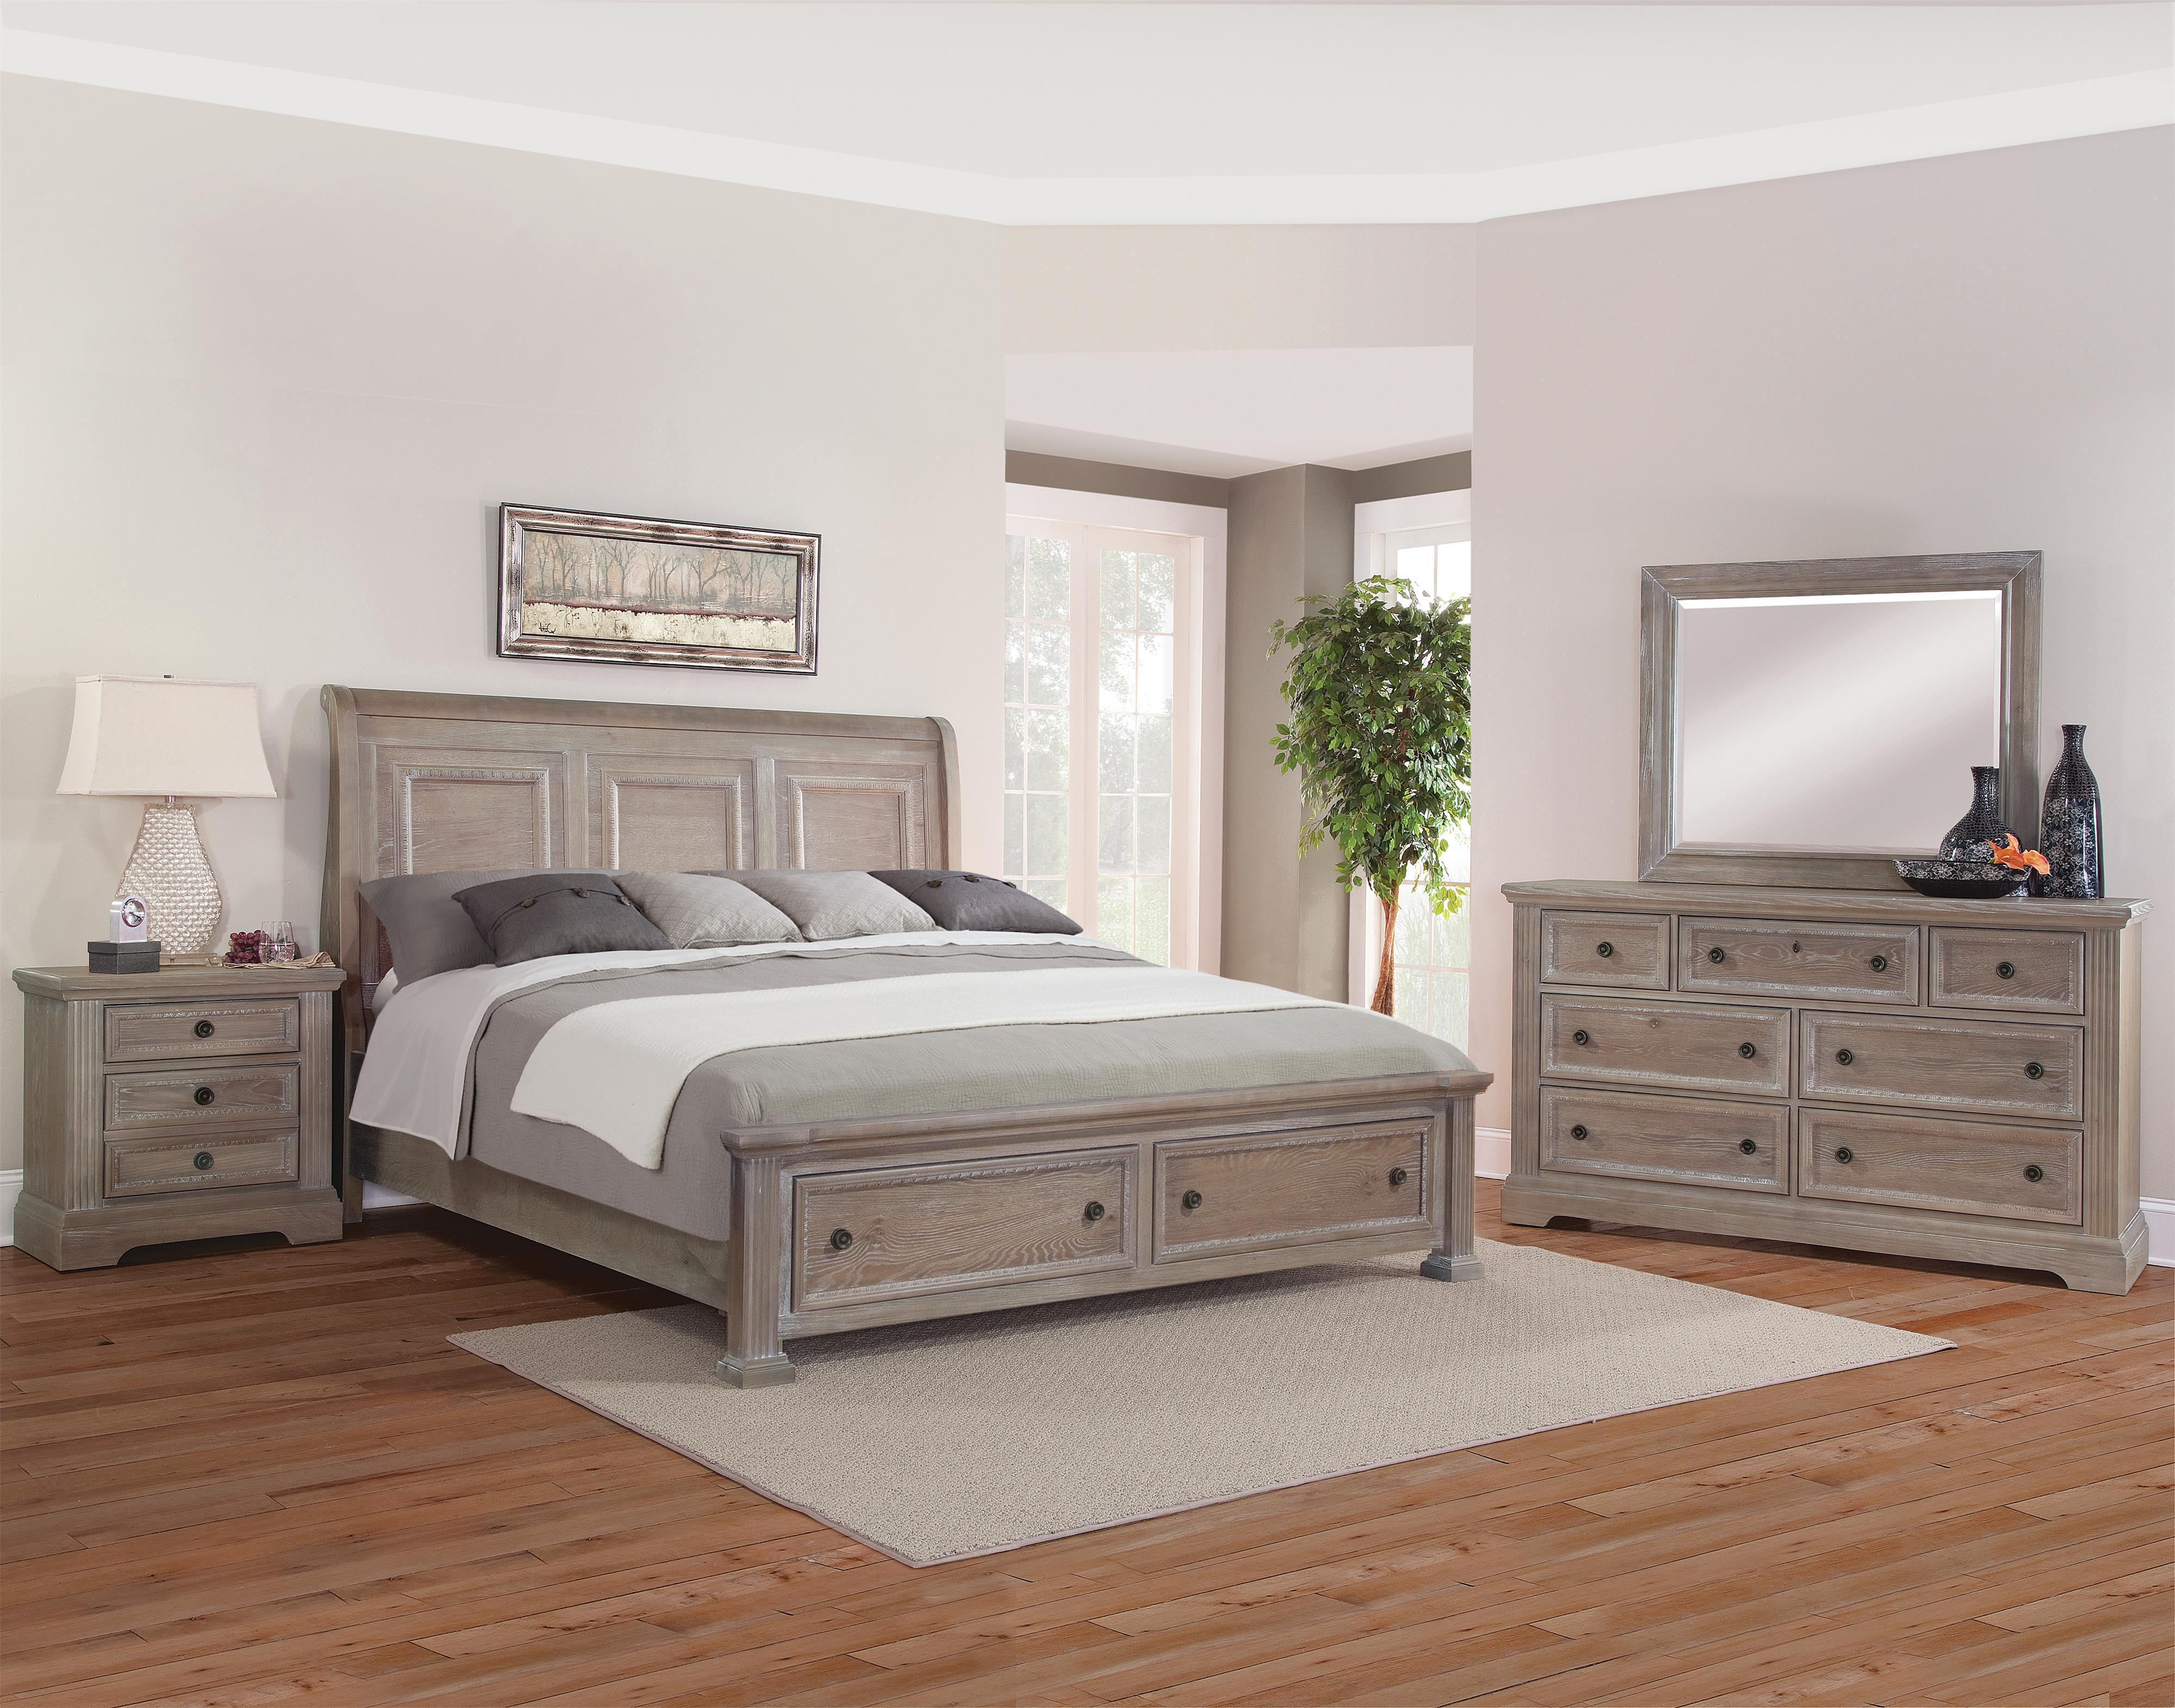 Vaughan Bassett Affinity Queen Bedroom Group - Item Number: 564 Q Bedroom Group 4